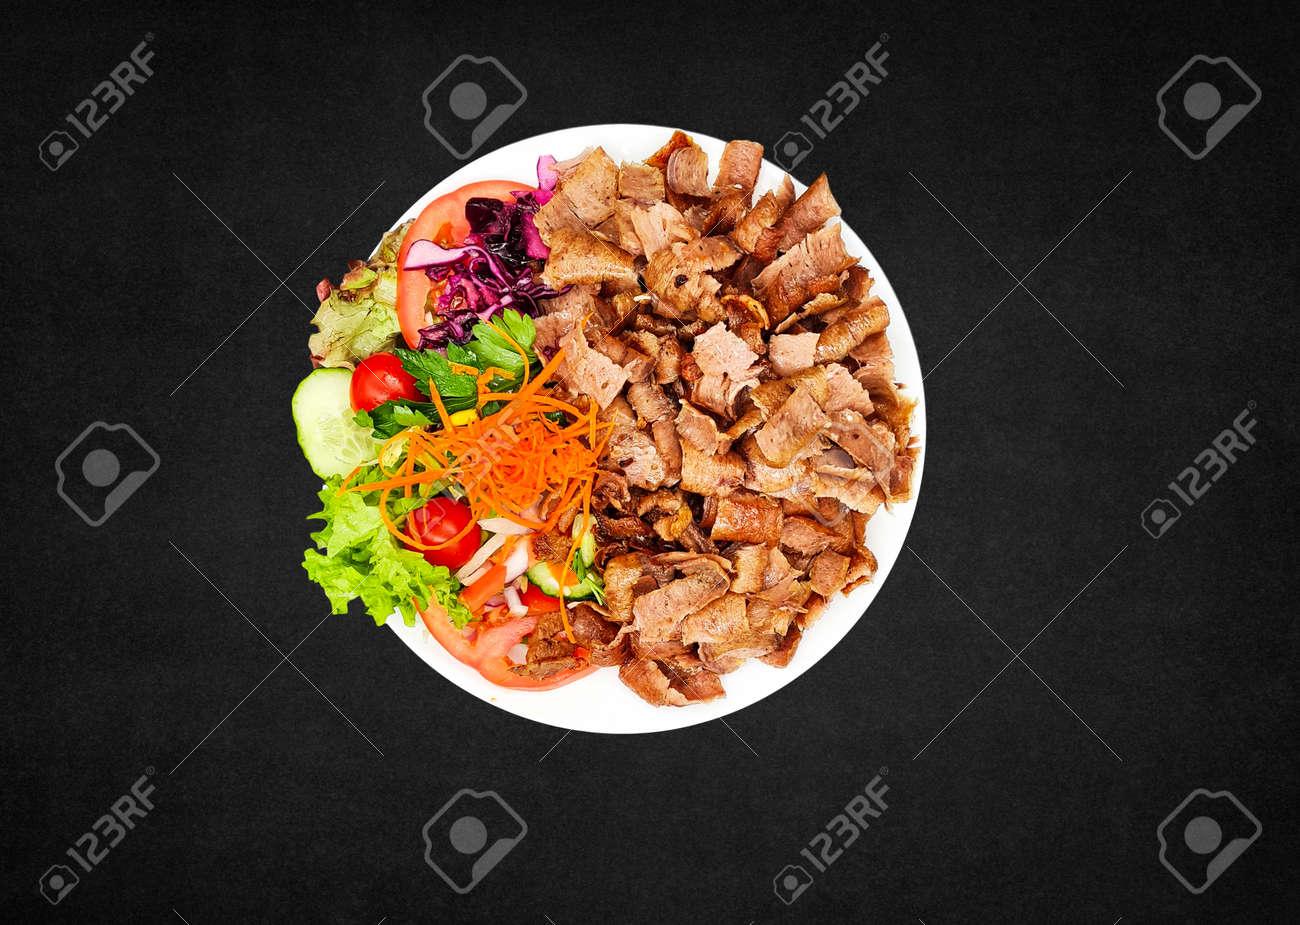 Salad Doner Plate, Döner Wires mit Salat - piatto con kebab - 164142808